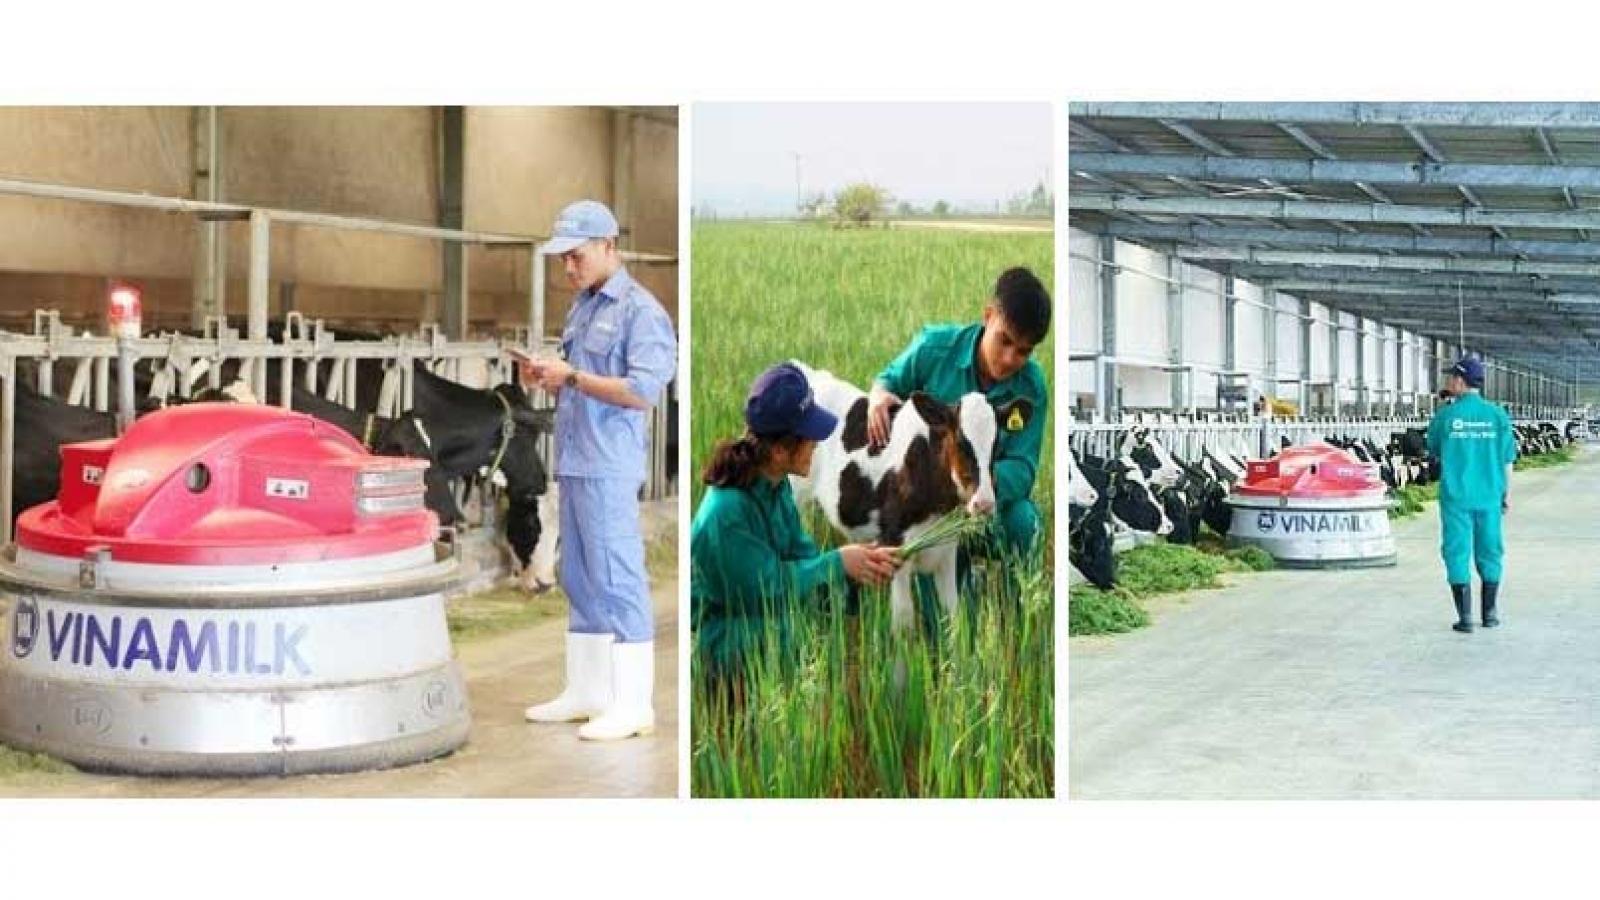 Vinamilk lần thứ 3 liên tiếp được bình chọn là nơi làm việc tốt nhất Việt Nam